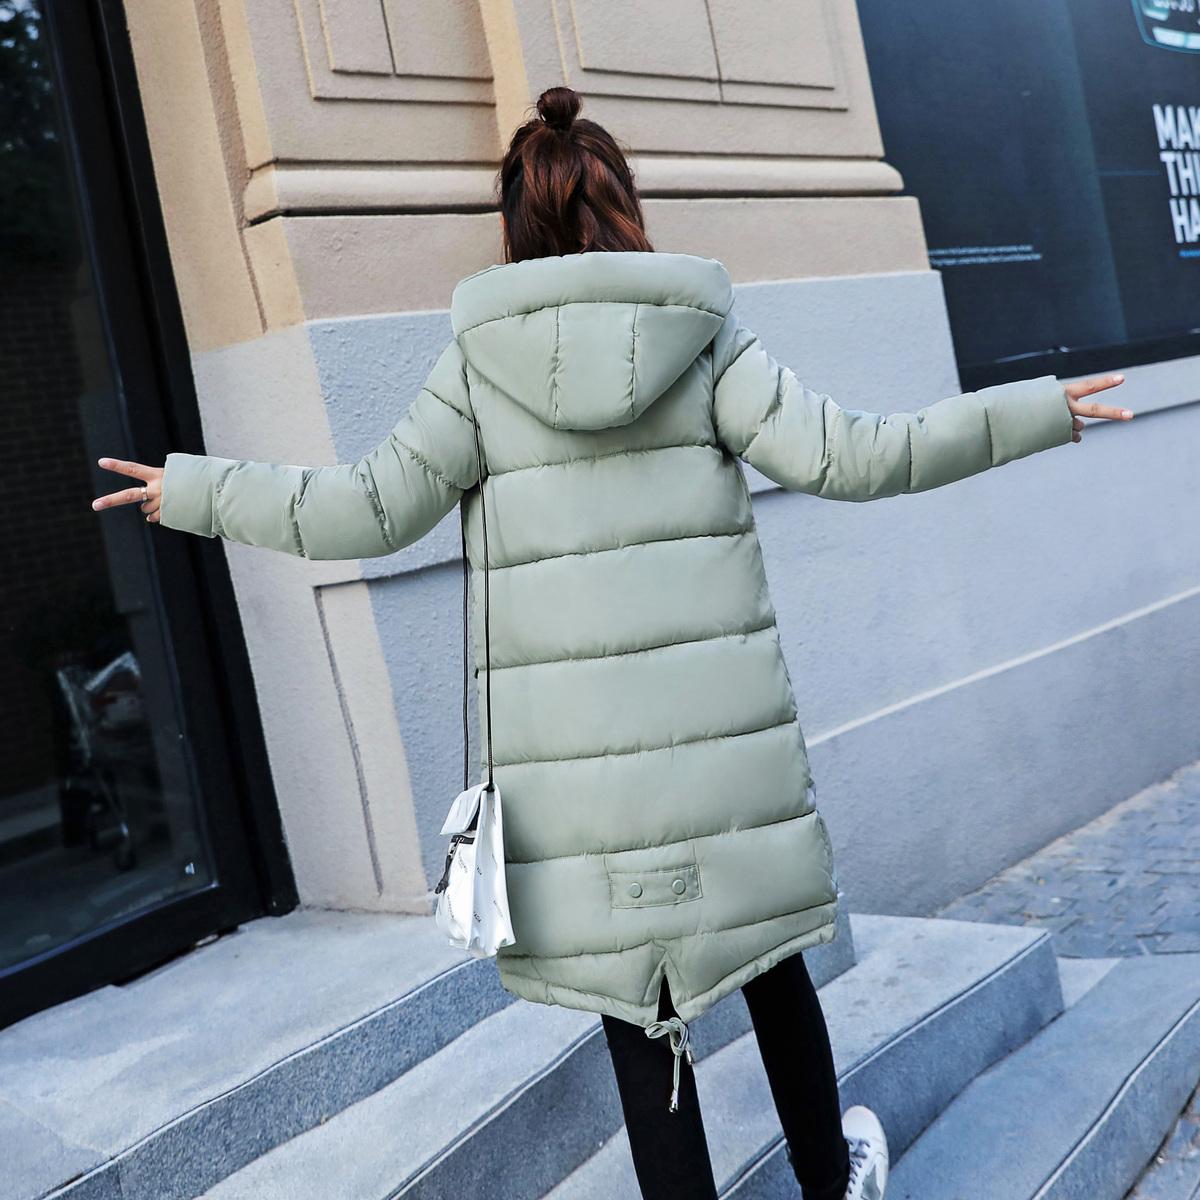 Chống mùa bông phụ nữ phần dài 2018 mới Hàn Quốc phiên bản của lỏng dễ thương sinh viên bông áo khoác mùa đông mềm chị bông áo